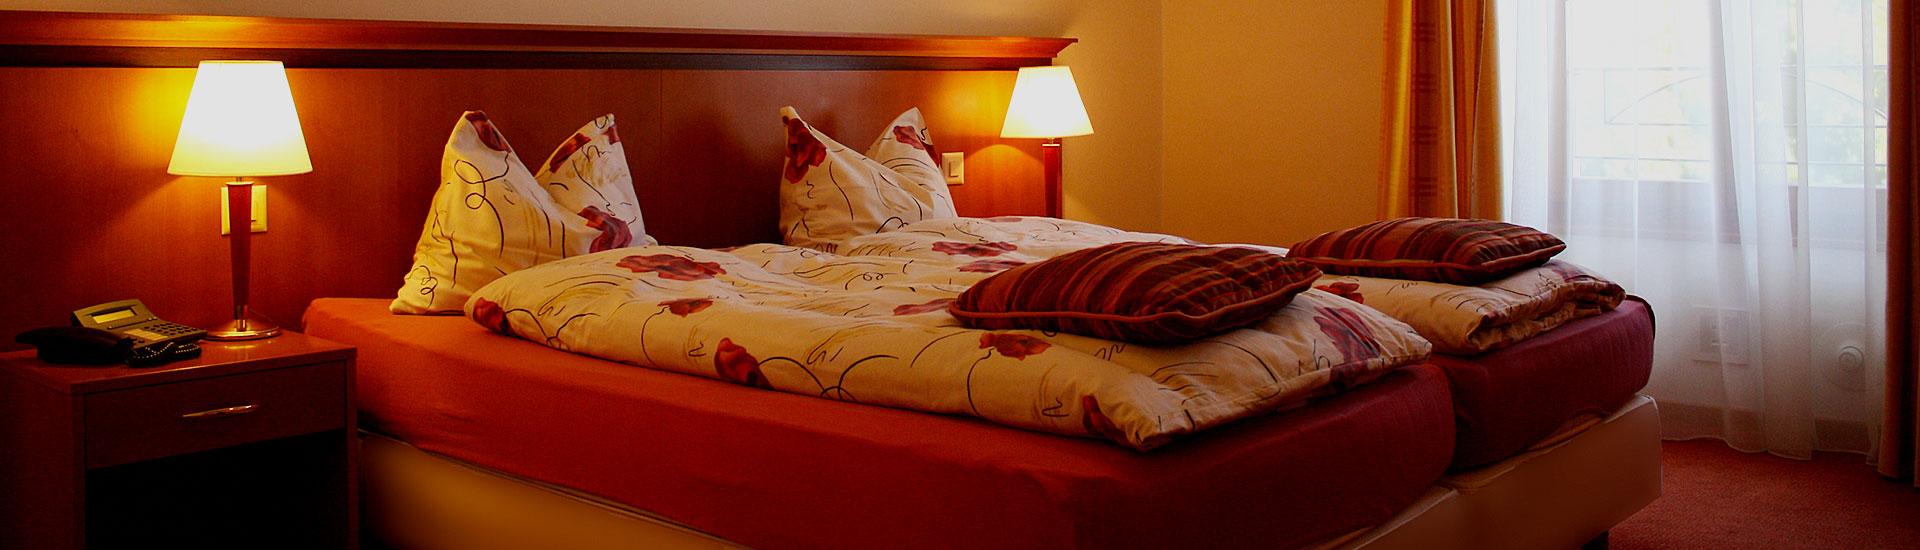 Chambre double Hôtel Auberge de Gilly